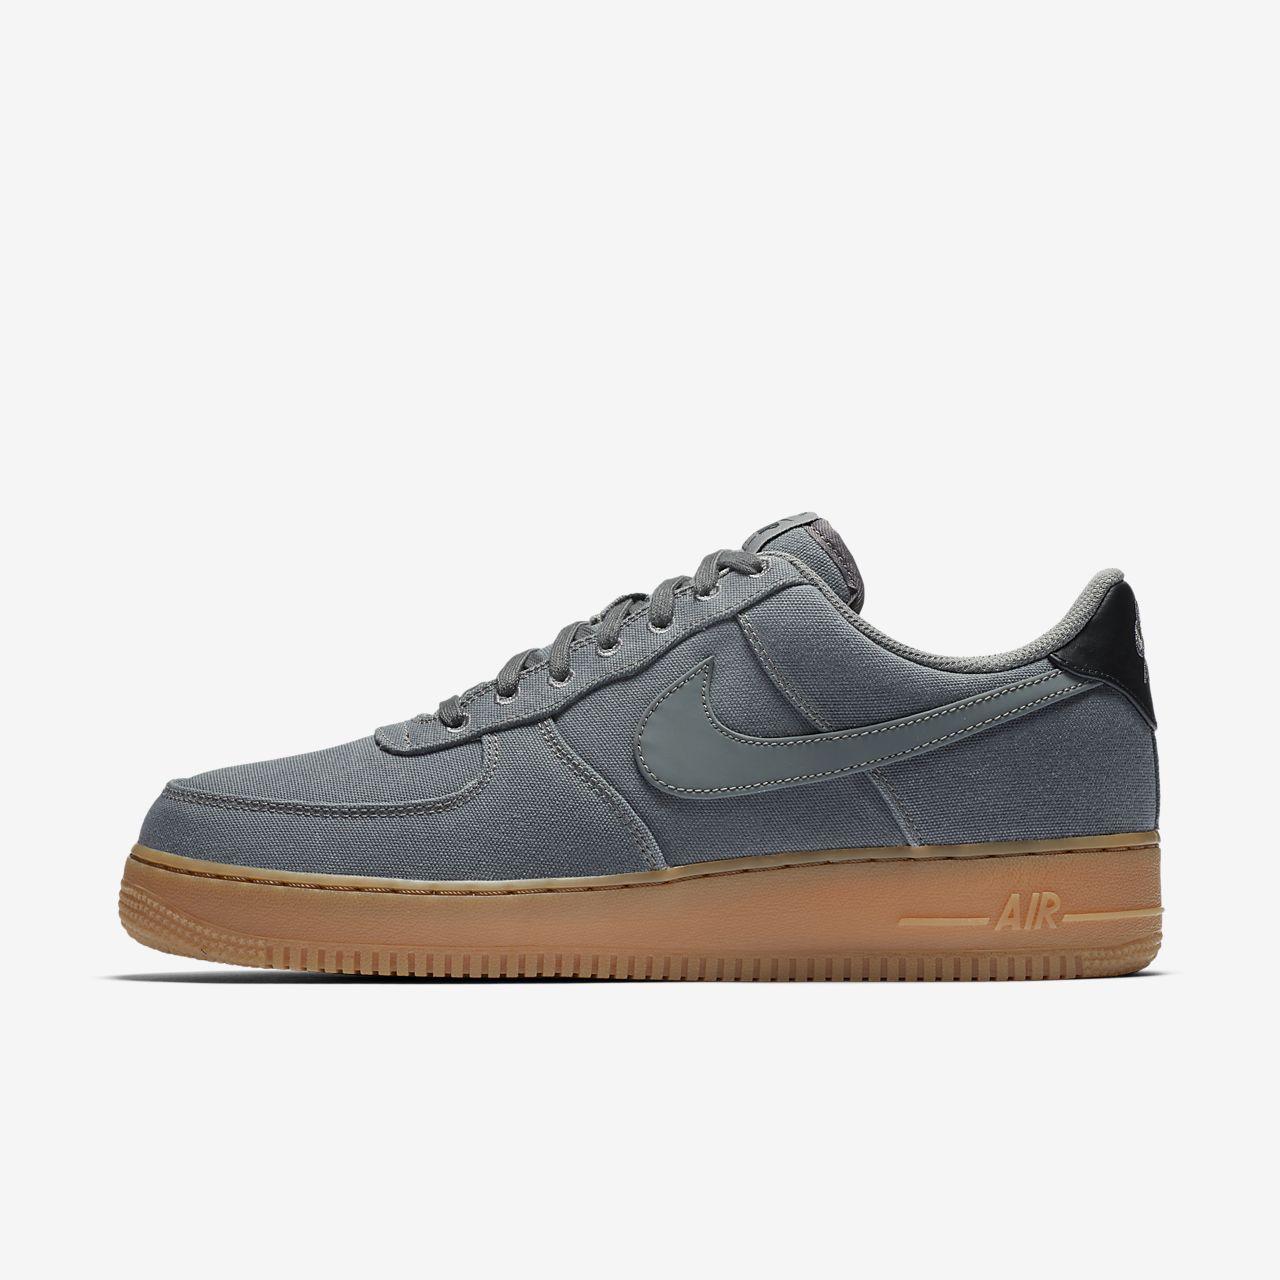 d2fea978dd0 Sapatilhas Nike Air Force 1  07 LV8 Style para homem. Nike.com PT